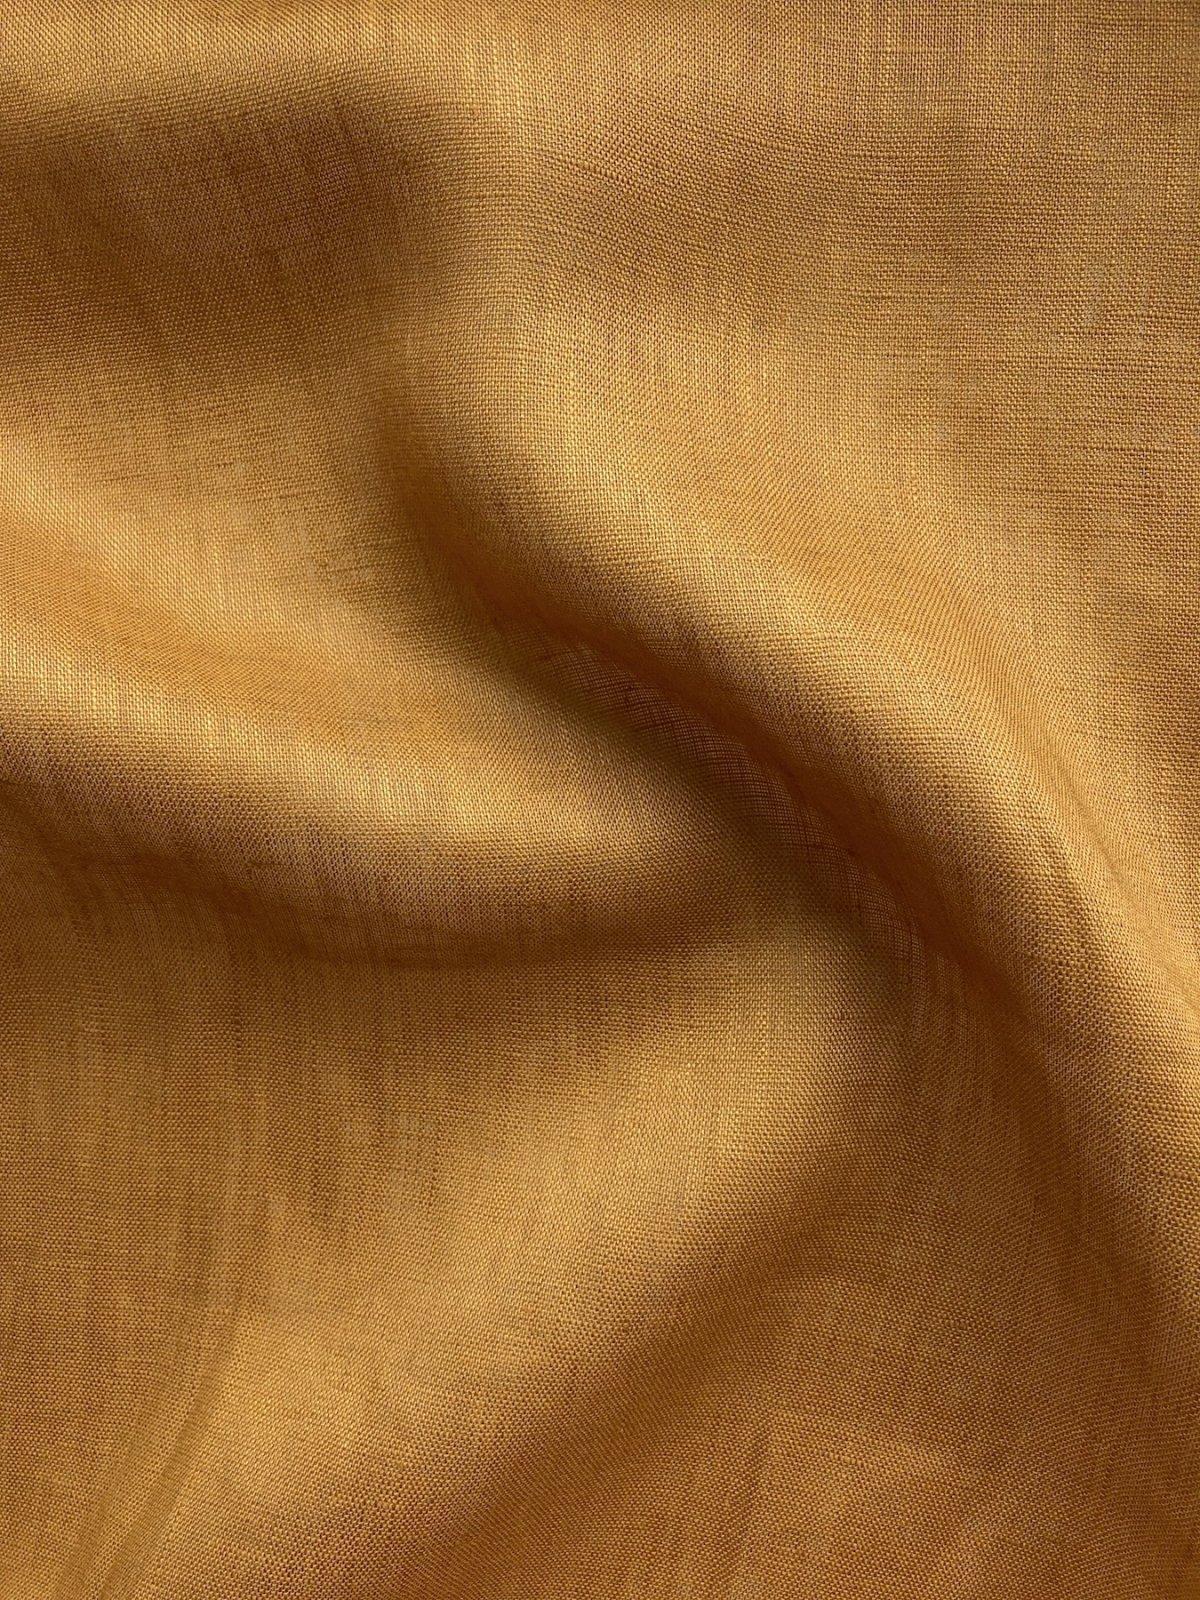 Handkerchief Linen - Honey